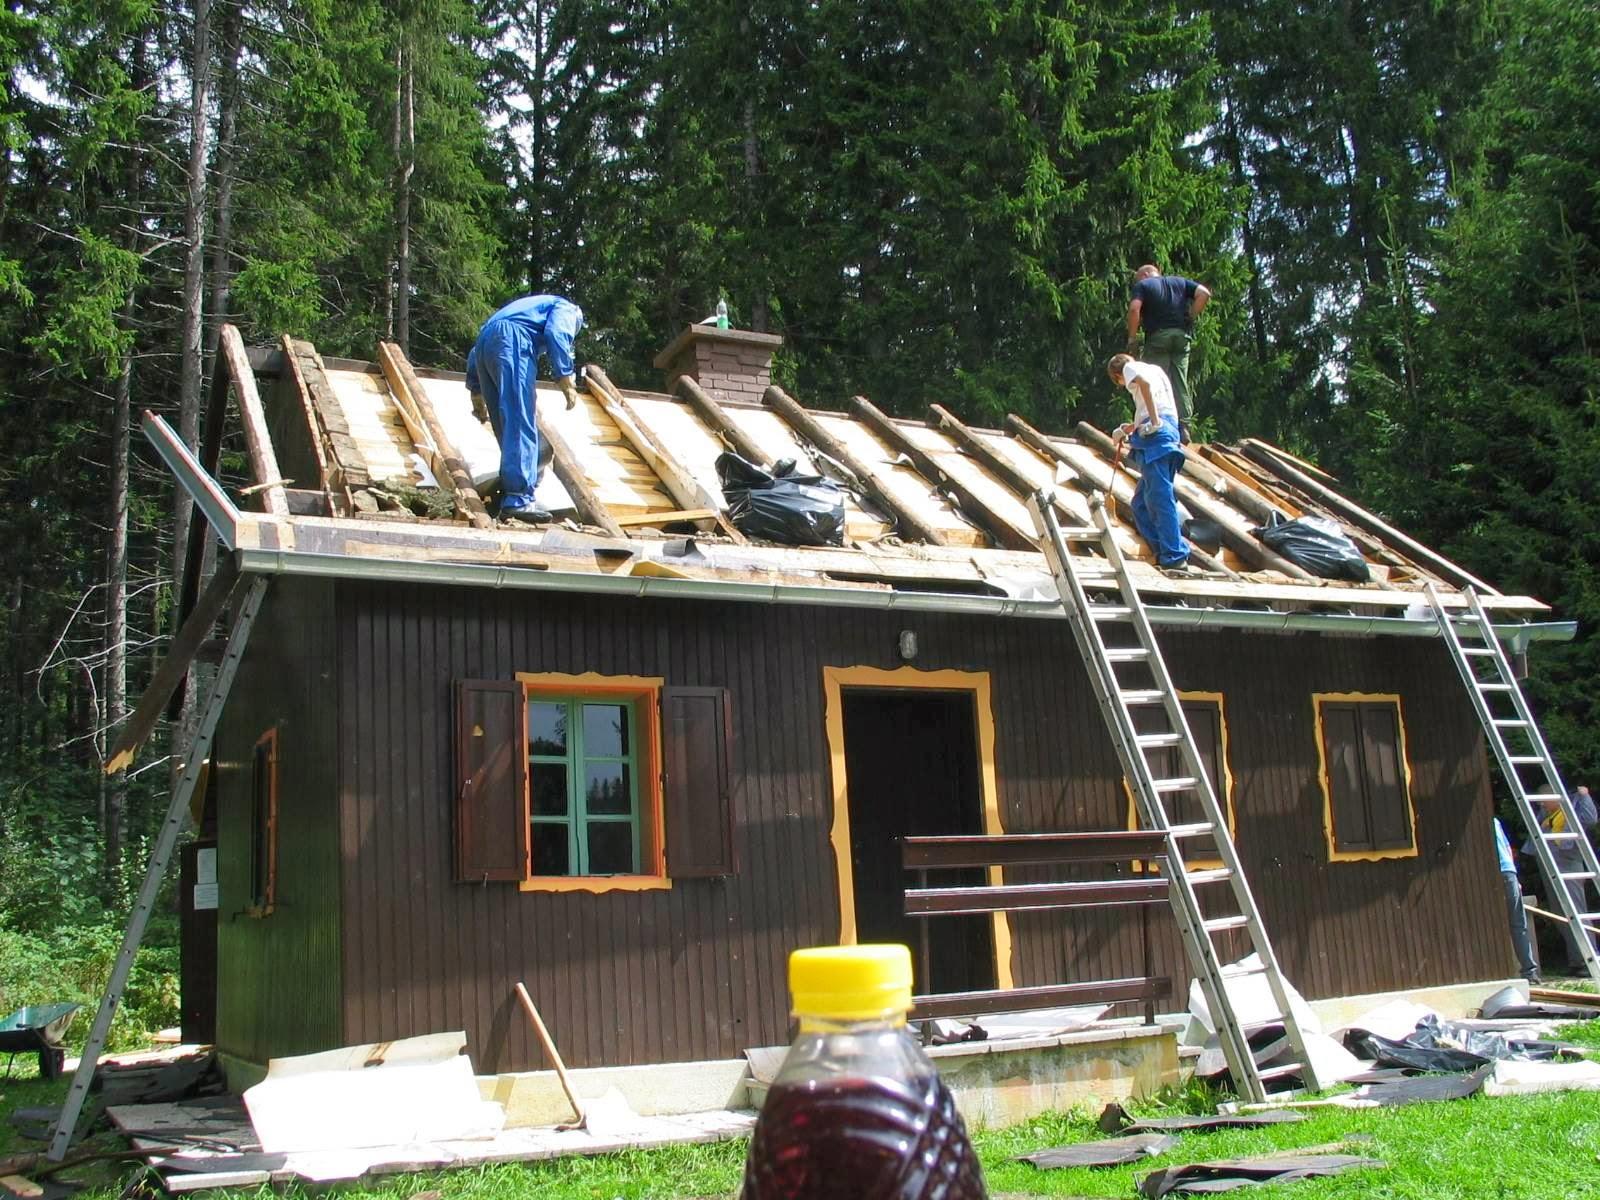 Delovna akcija - Streha, Črni dol 2006 - streha%2B108.jpg